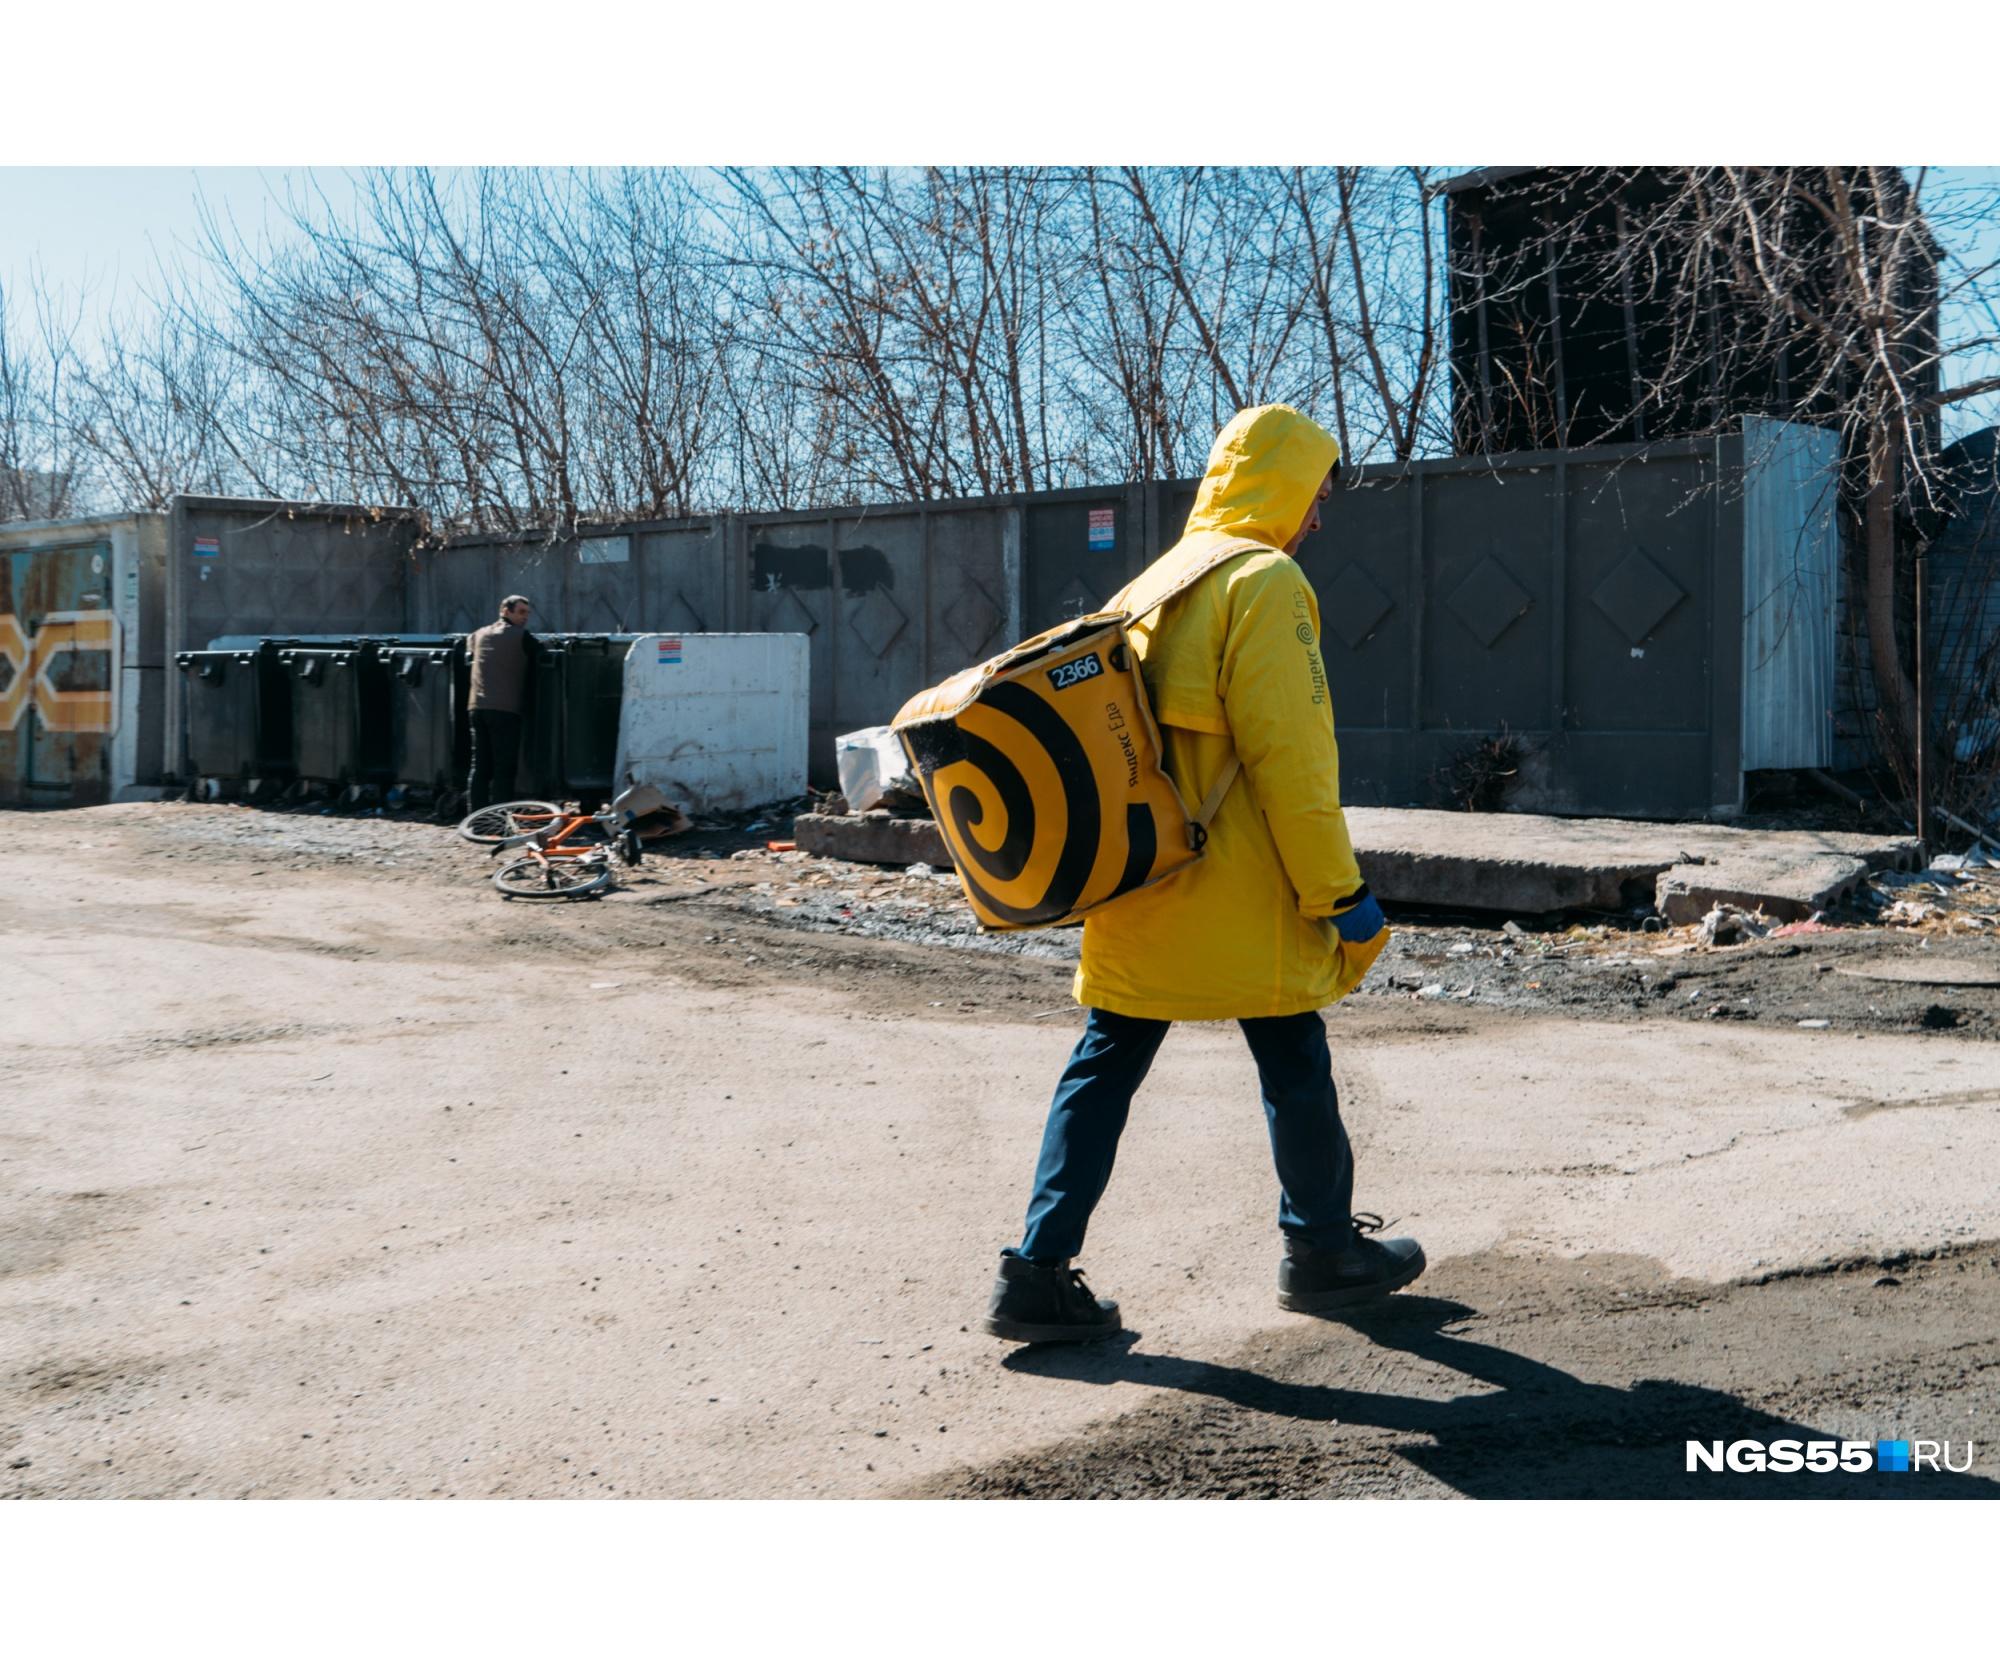 Выбросить мусор, к счастью, никто не запрещает